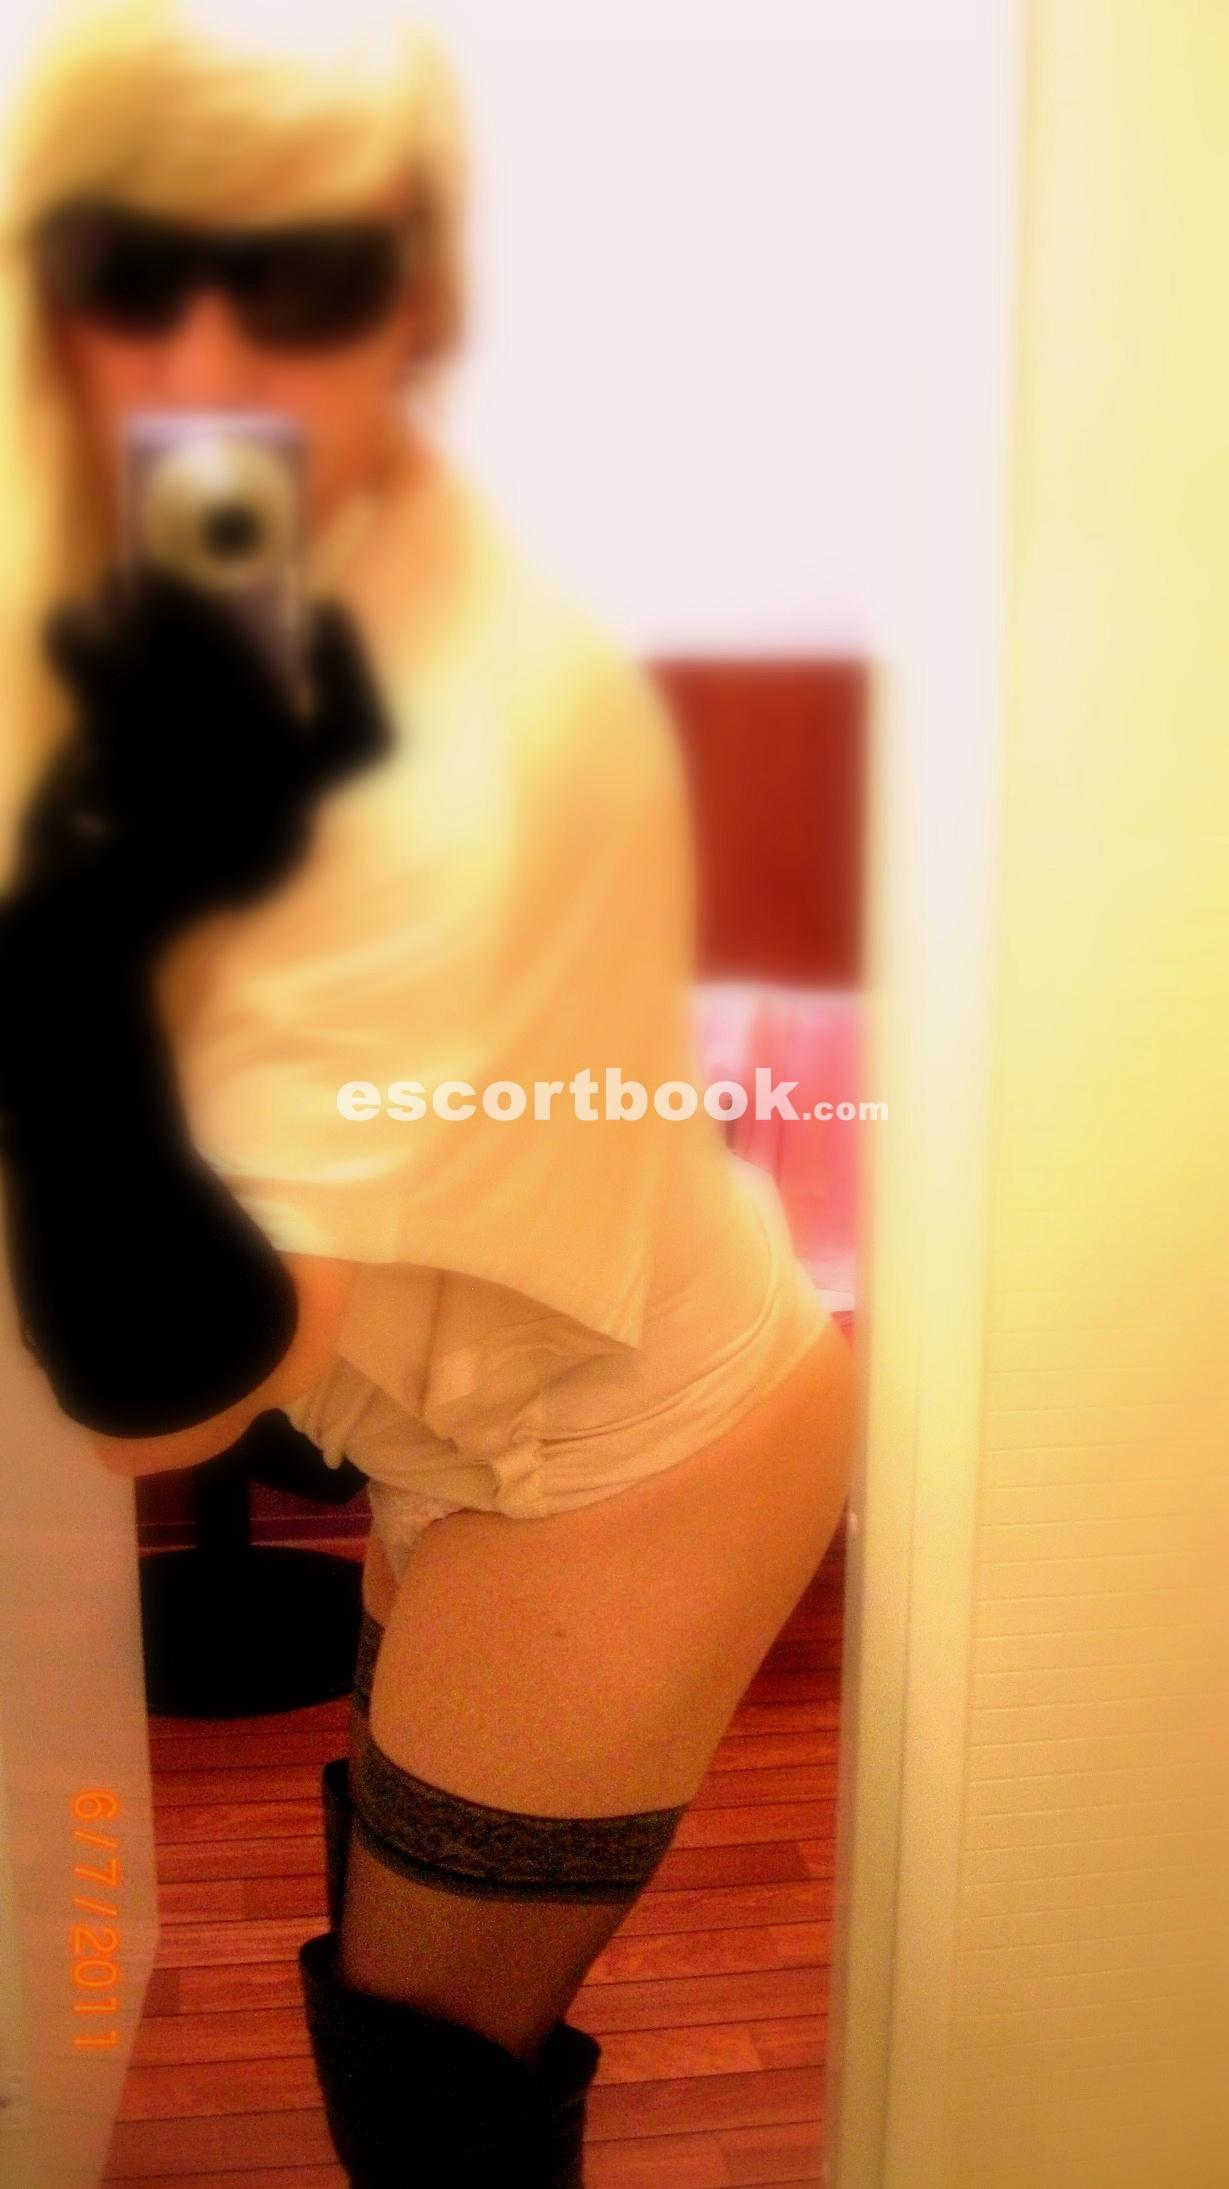 escort service in finland prostituutio kokemuksia